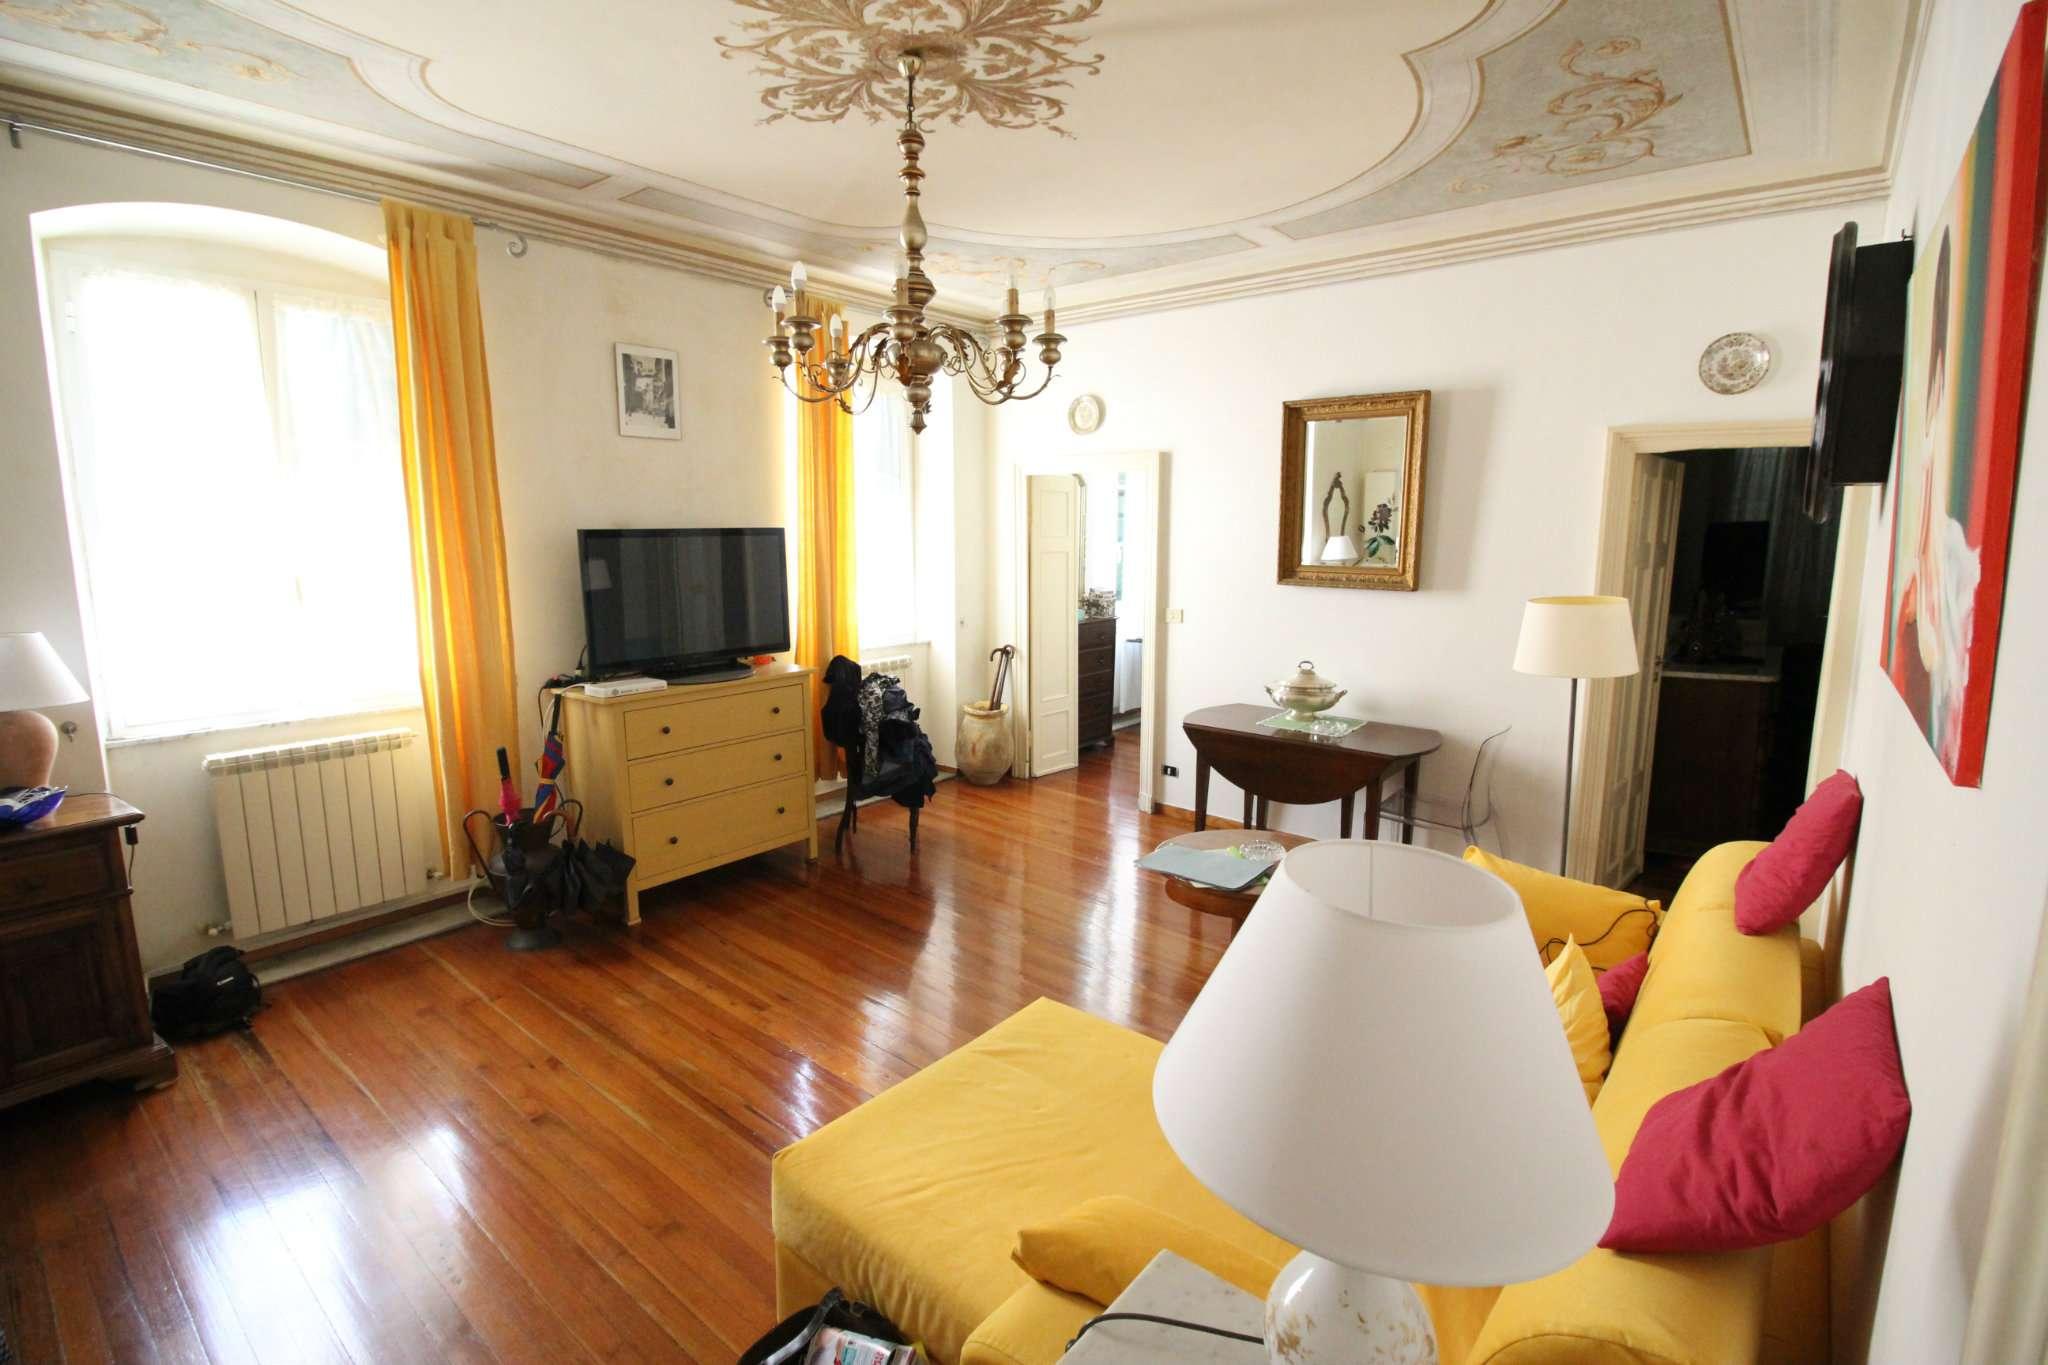 Appartamento in vendita a Sori, 3 locali, prezzo € 260.000 | PortaleAgenzieImmobiliari.it